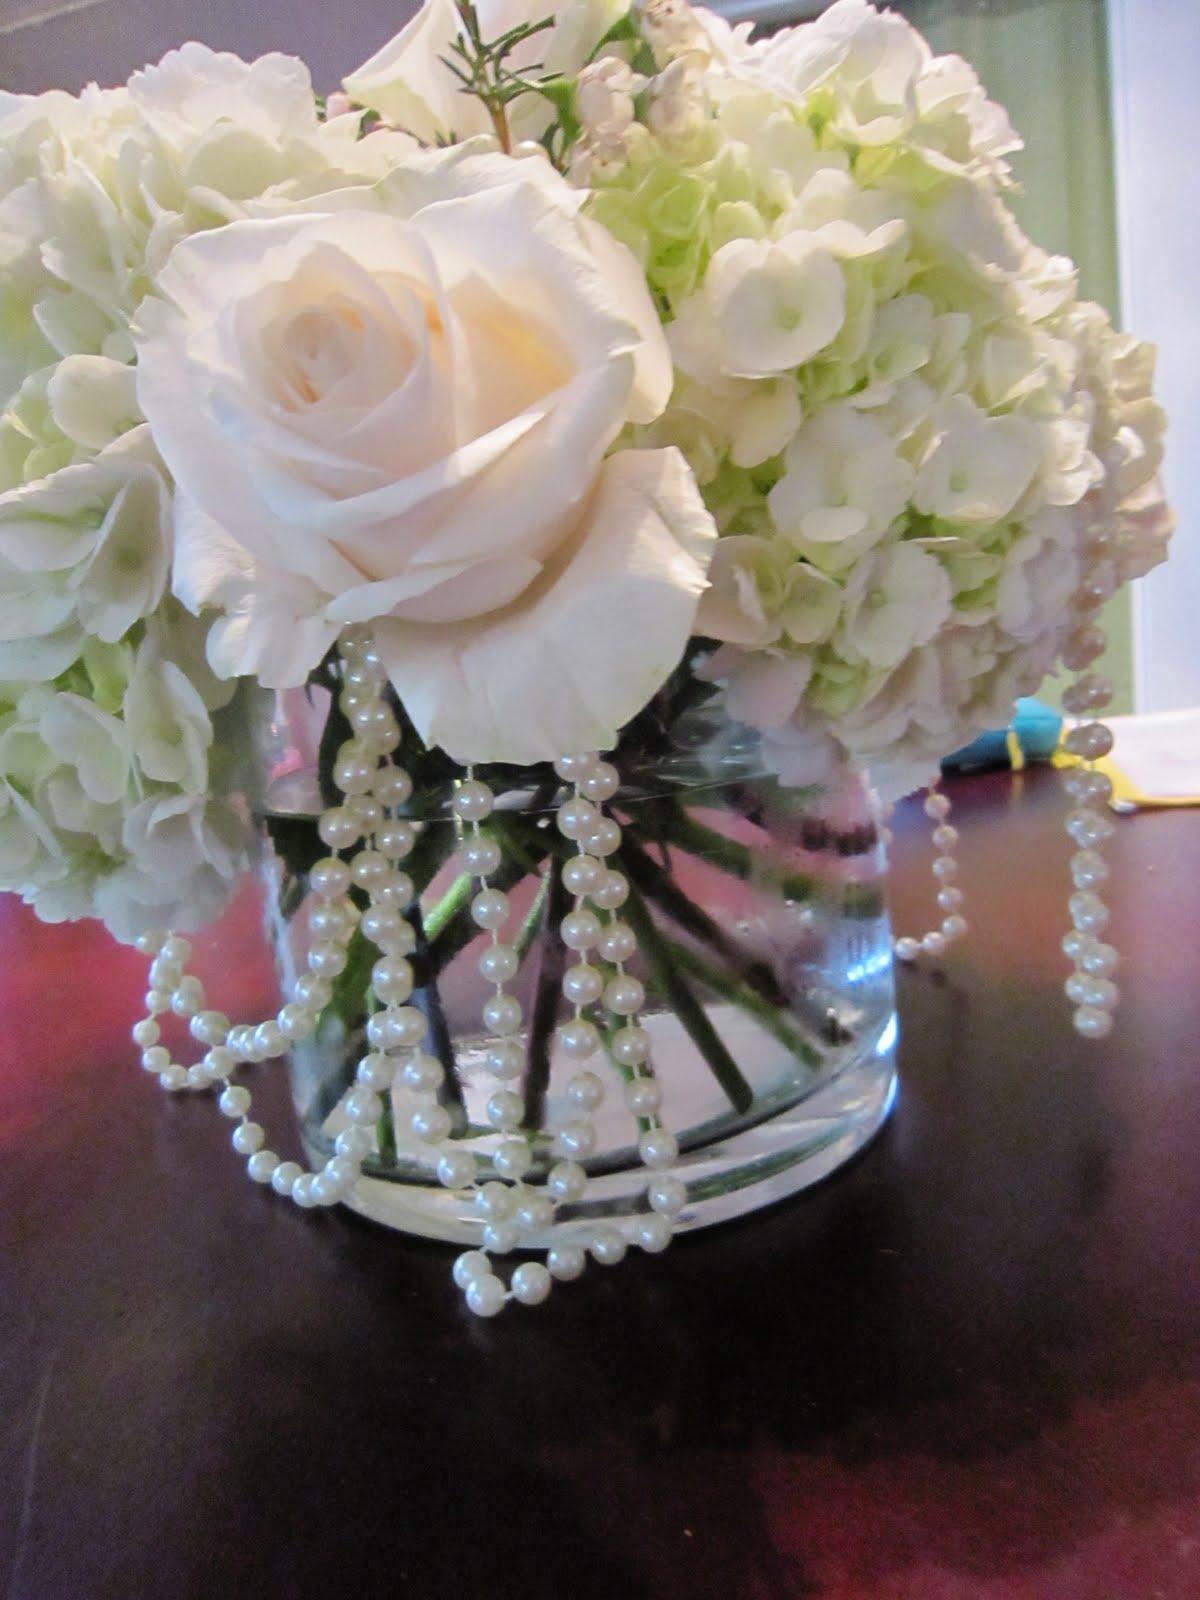 Sisters floral design studio july